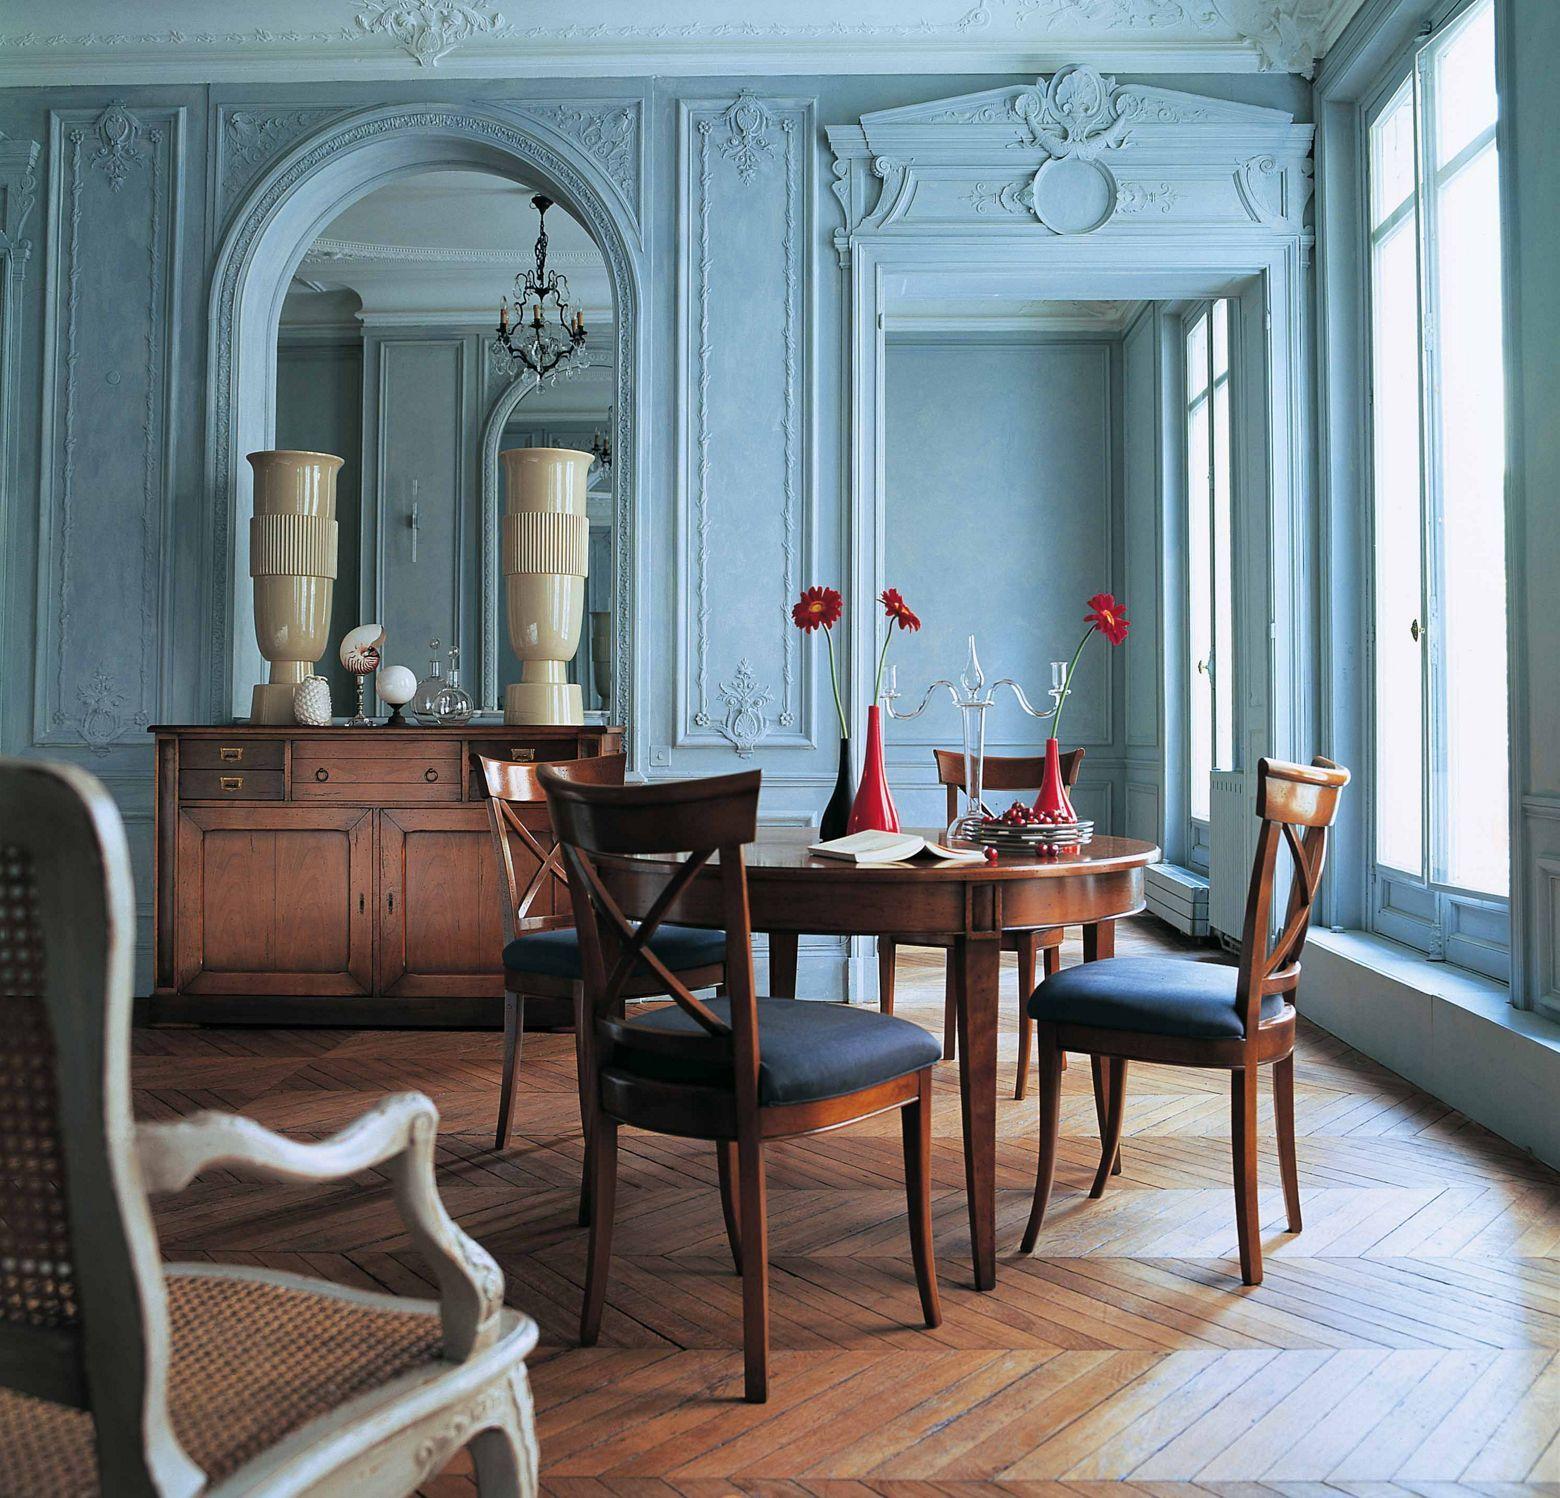 Buffet Hauteville Collection Nouveaux Classiques Roche Bobois  # Muebles Roche Bobois